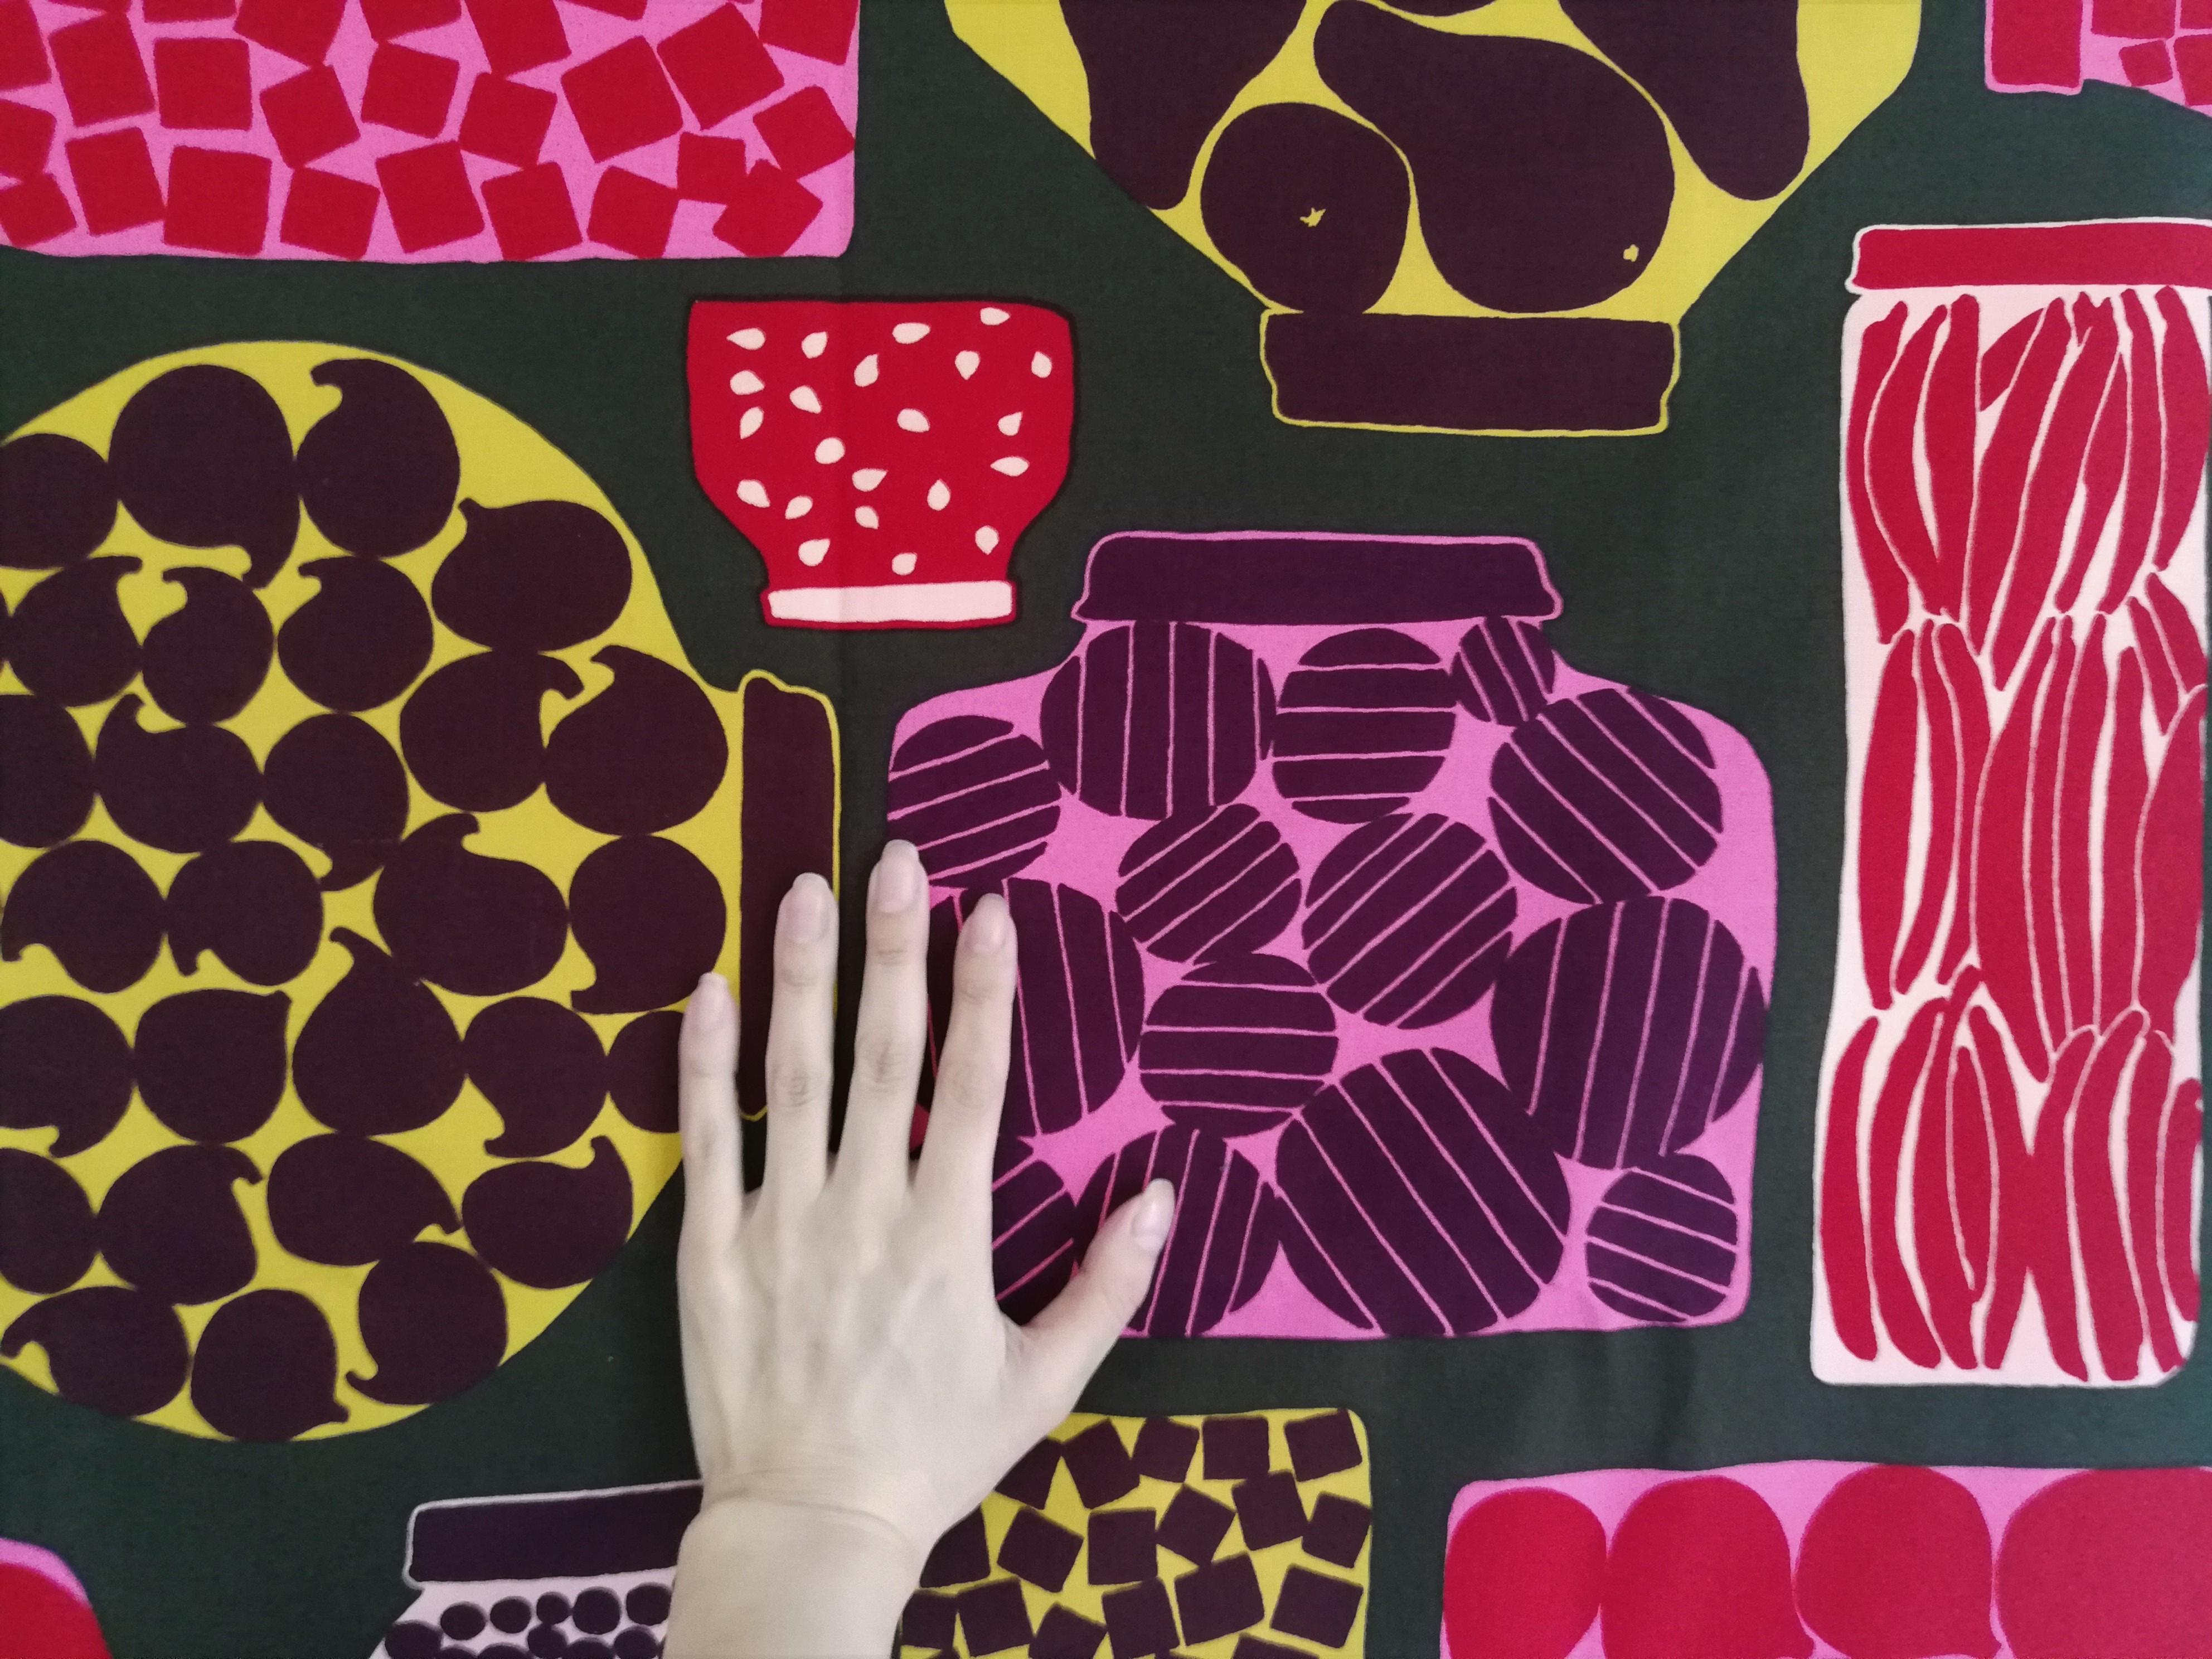 テキスタイル / マリメッコ / PURNUKKA コットン (83 x 73.5cm)